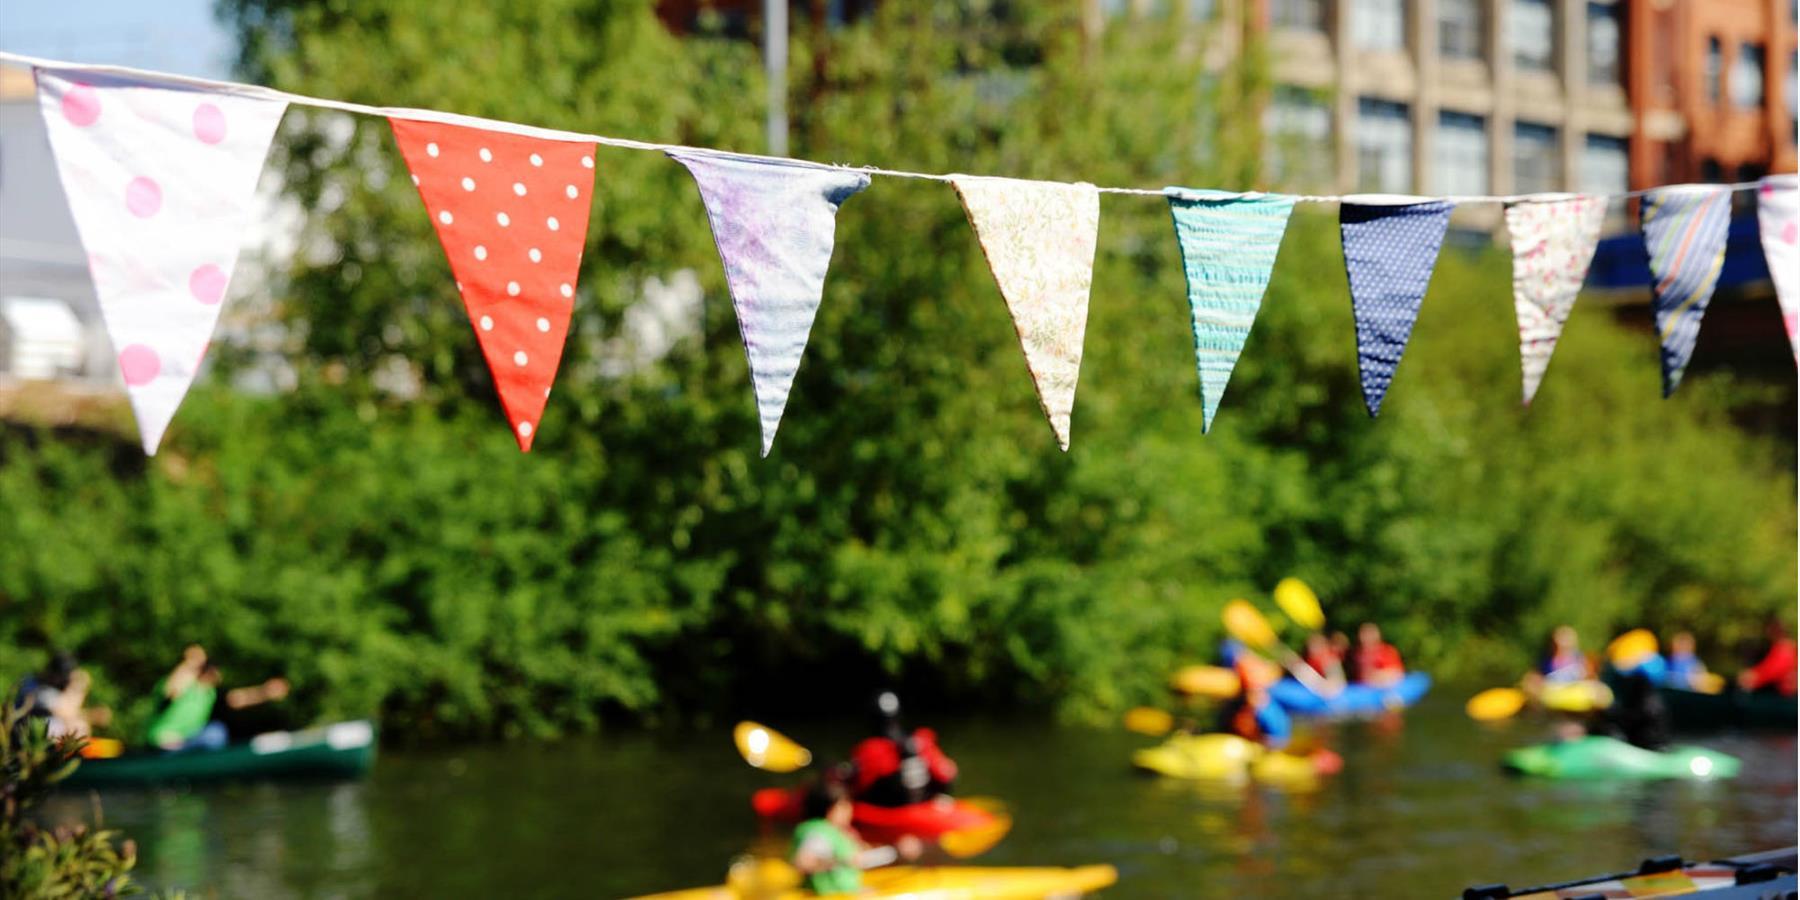 Riverside Festival - Festivals, See & Do in Leicester